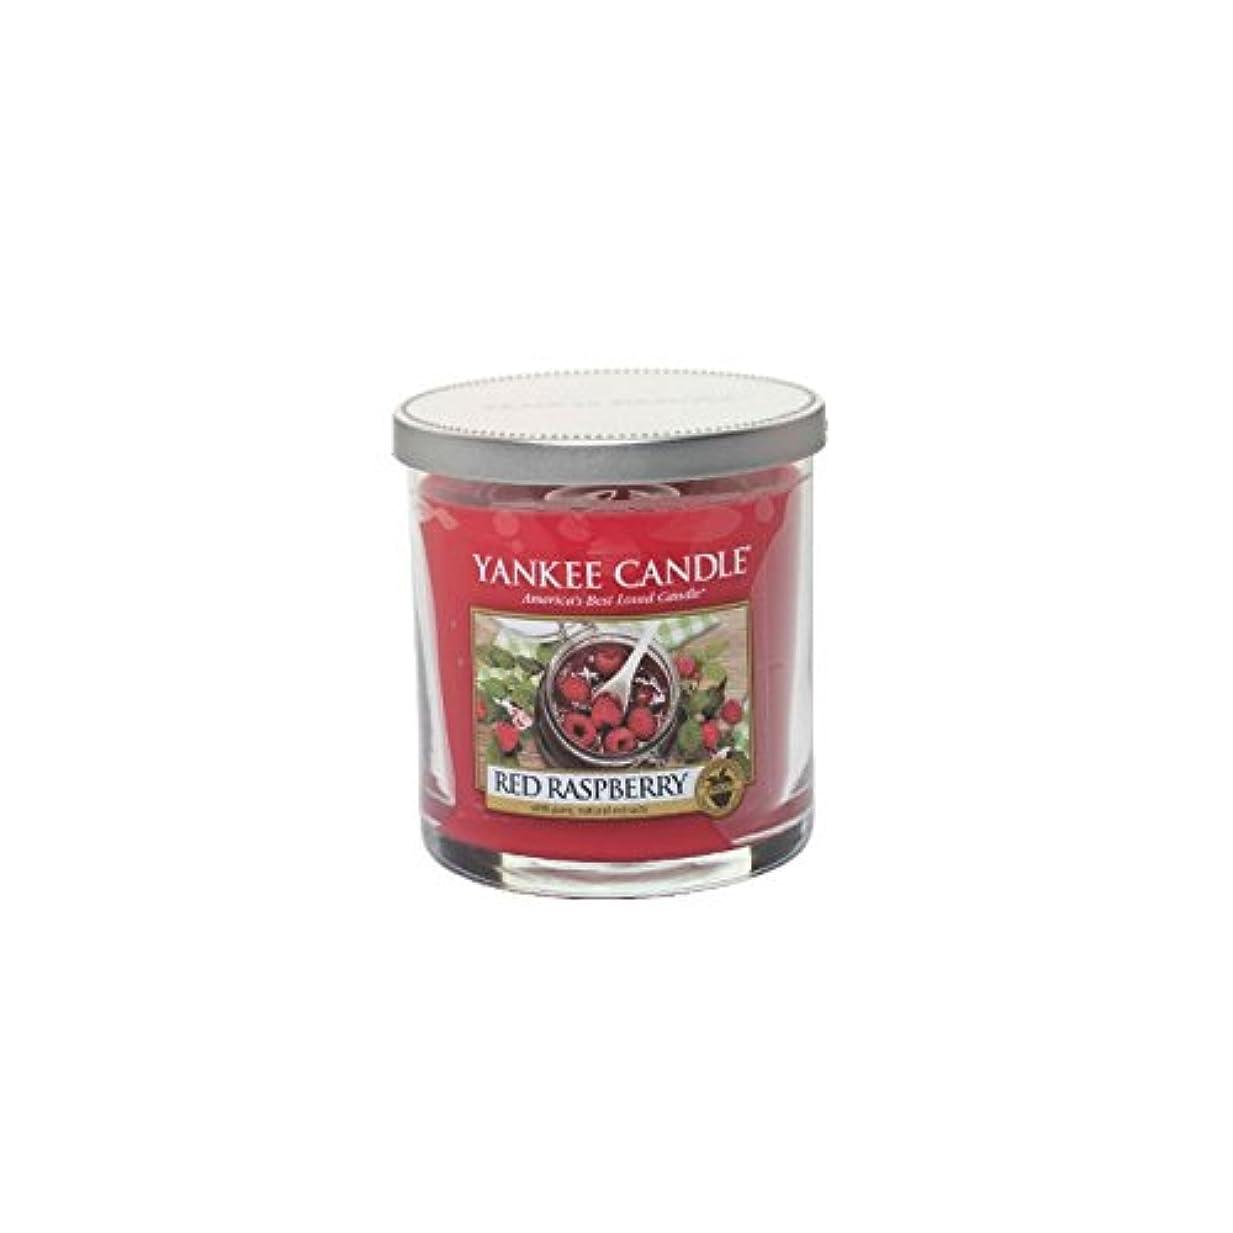 ペンダントハンサム操作Yankee Candles Small Pillar Candle - Red Raspberry (Pack of 6) - ヤンキーキャンドルの小さな柱キャンドル - レッドラズベリー (x6) [並行輸入品]